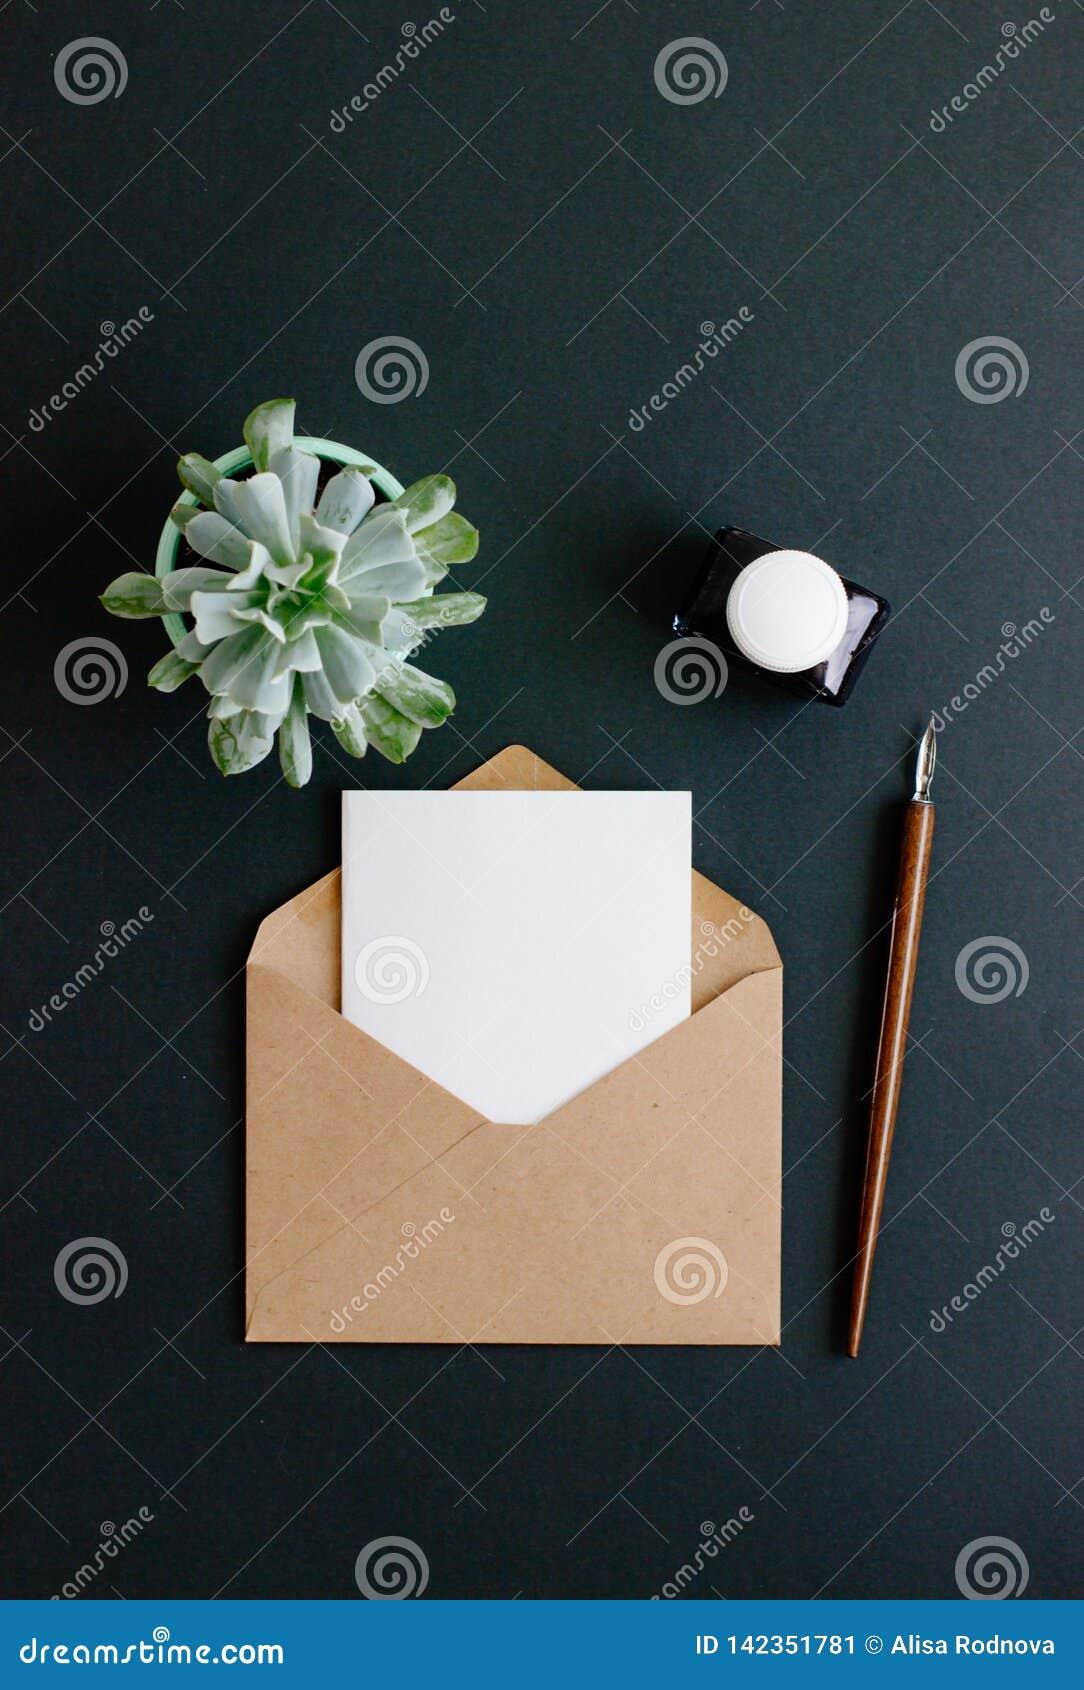 De envelop, de vulpen en de inktpot zijn op een zwarte achtergrond